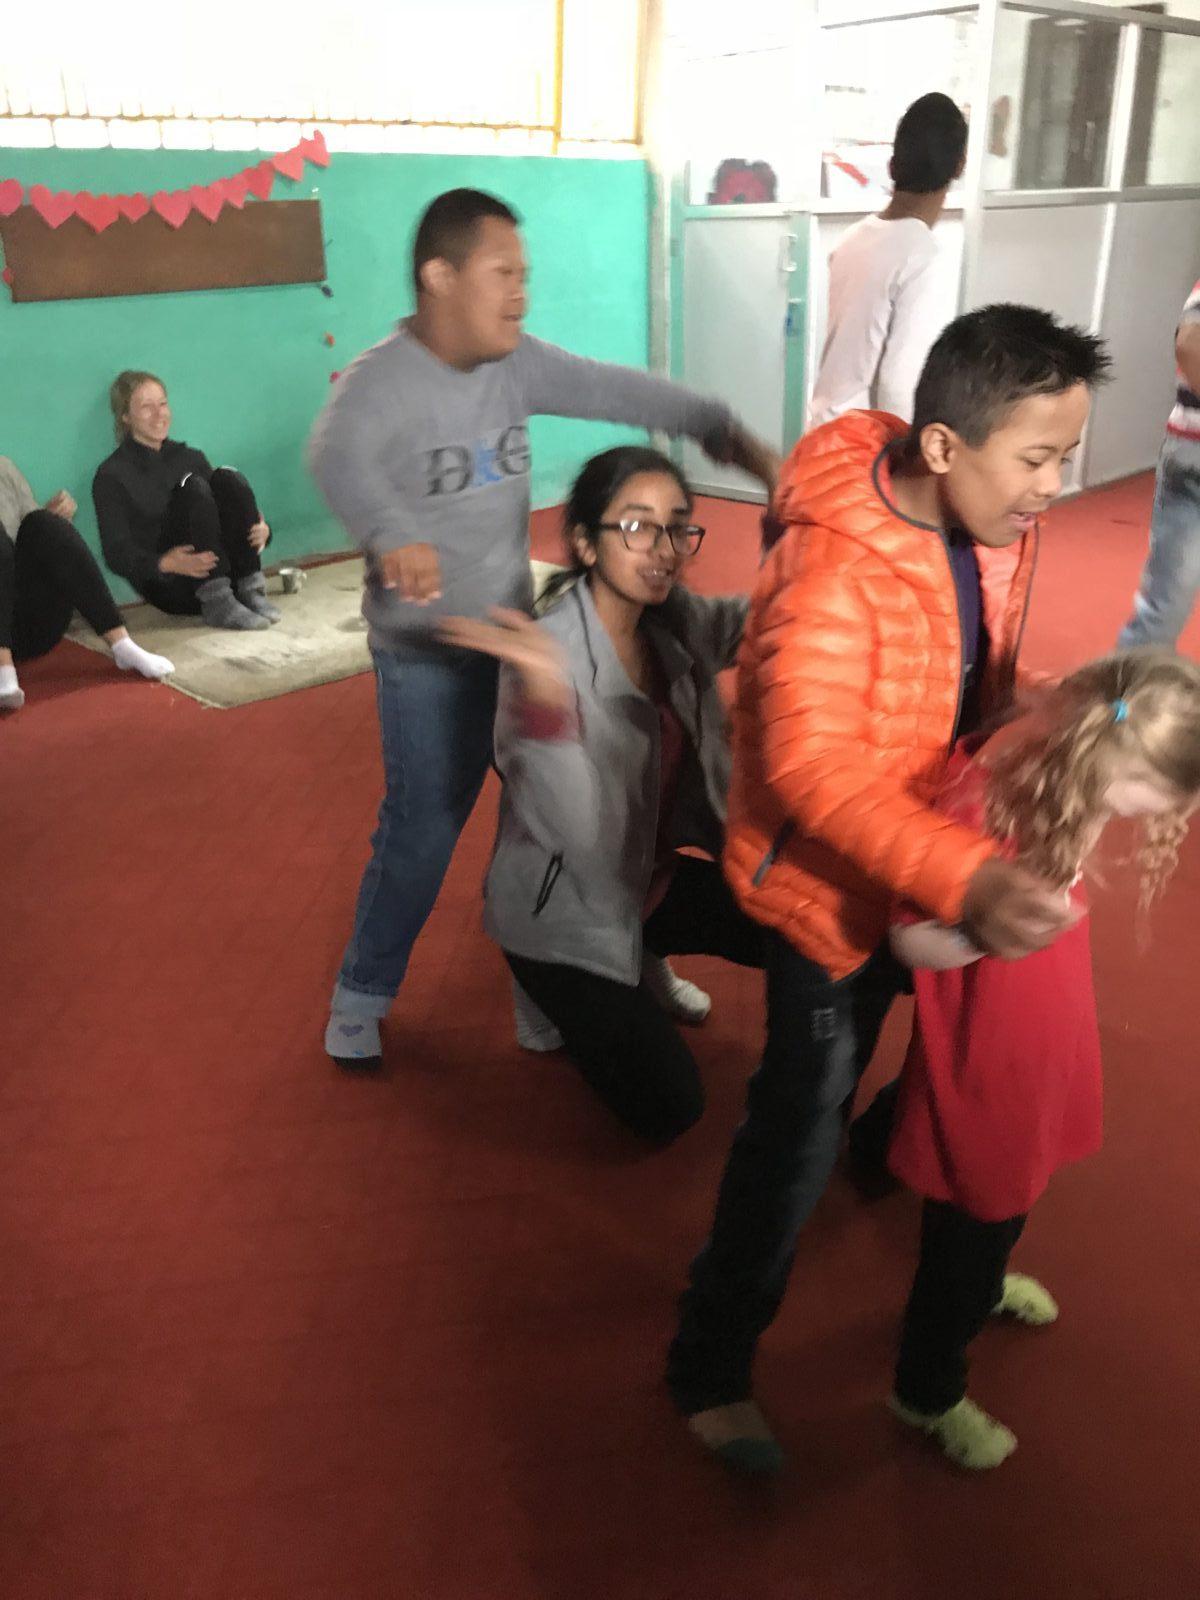 Svenska Svea får en danslektion med sina nepalesiska jämlikar på Satyam Day Care Center. Foto: Johanna Sommansson